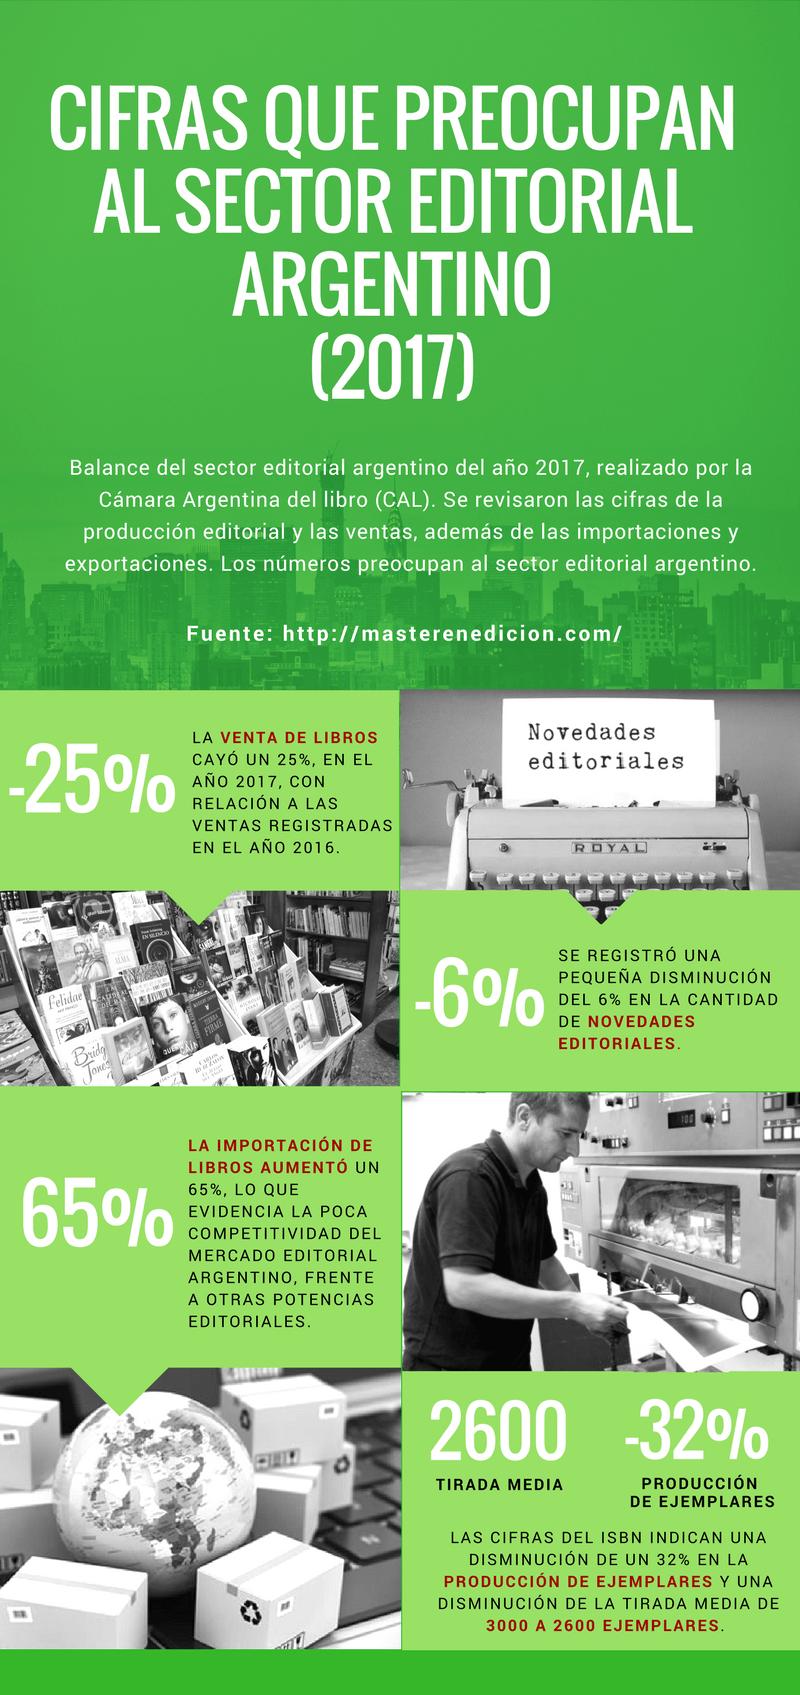 Cifras que preocupan al sector editorial argentino